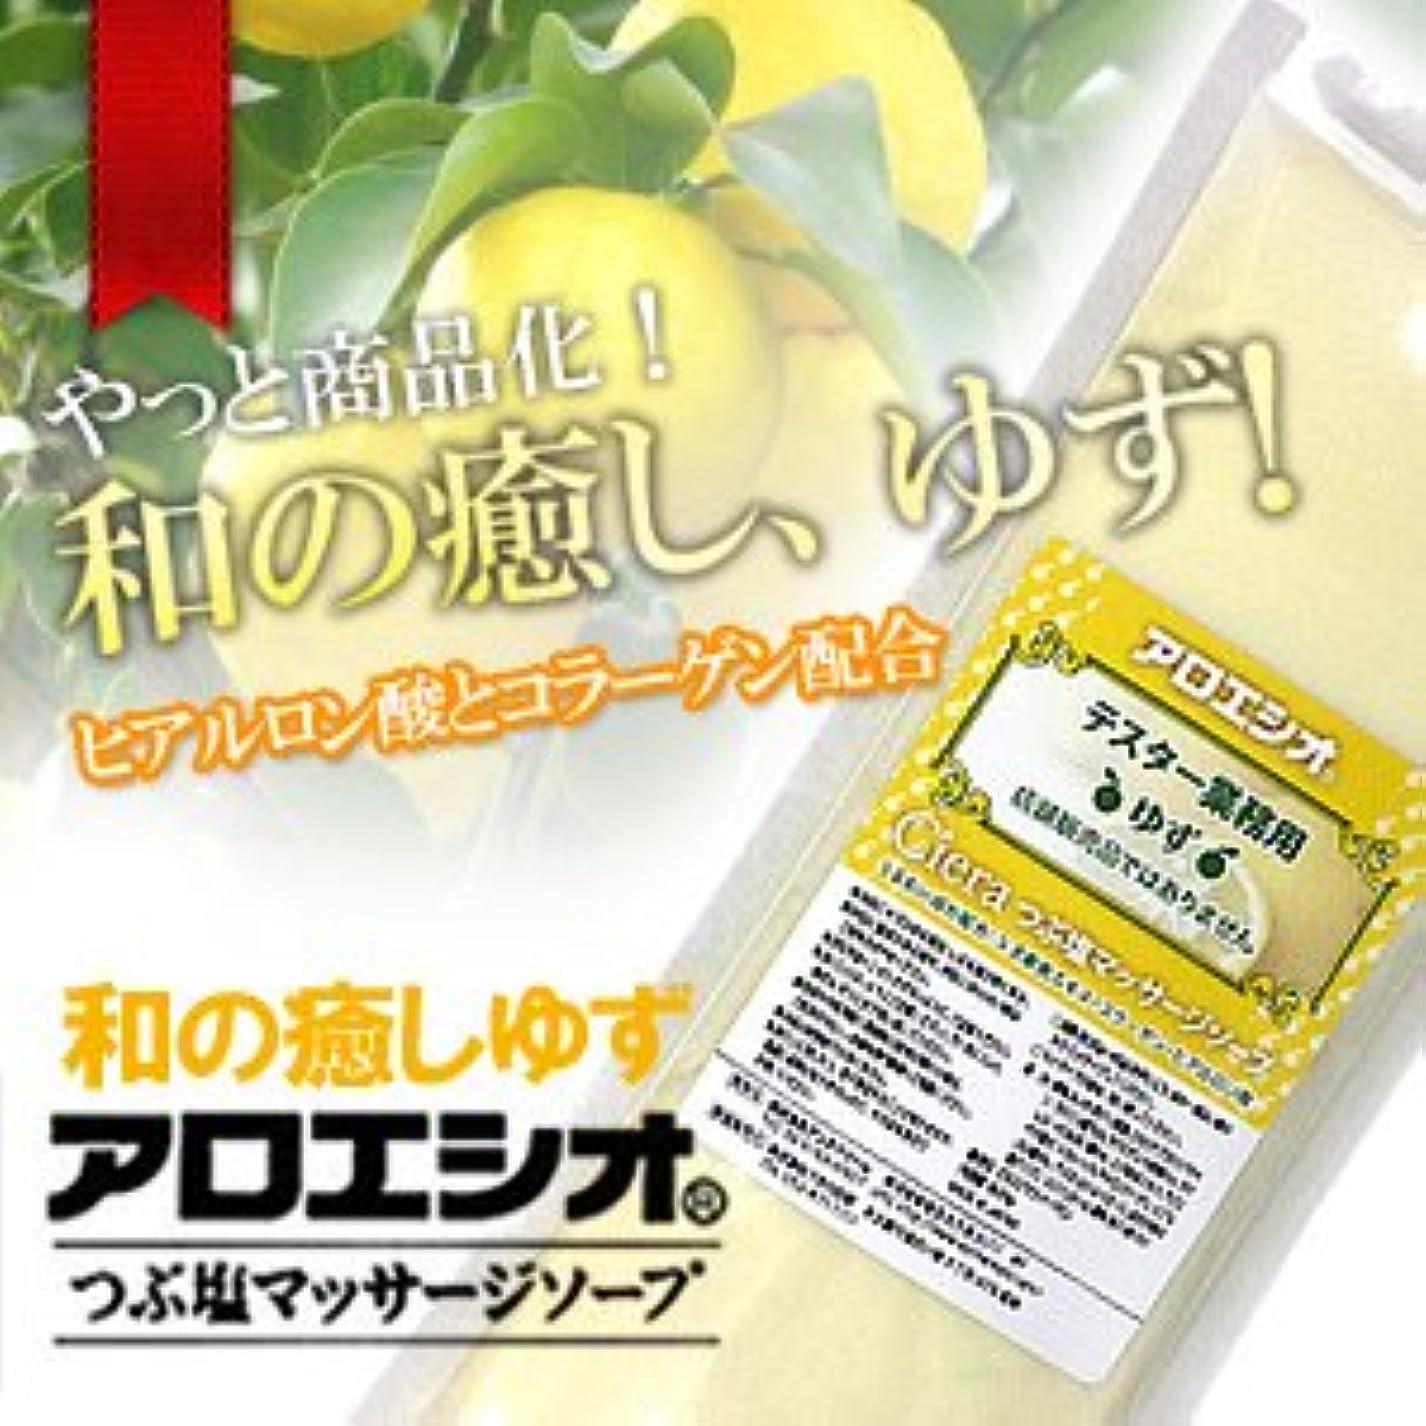 コンチネンタルソロ注入ゆず アロエ塩 800g つぶ塩マッサージソープ/フタバ化学 アロエシオ